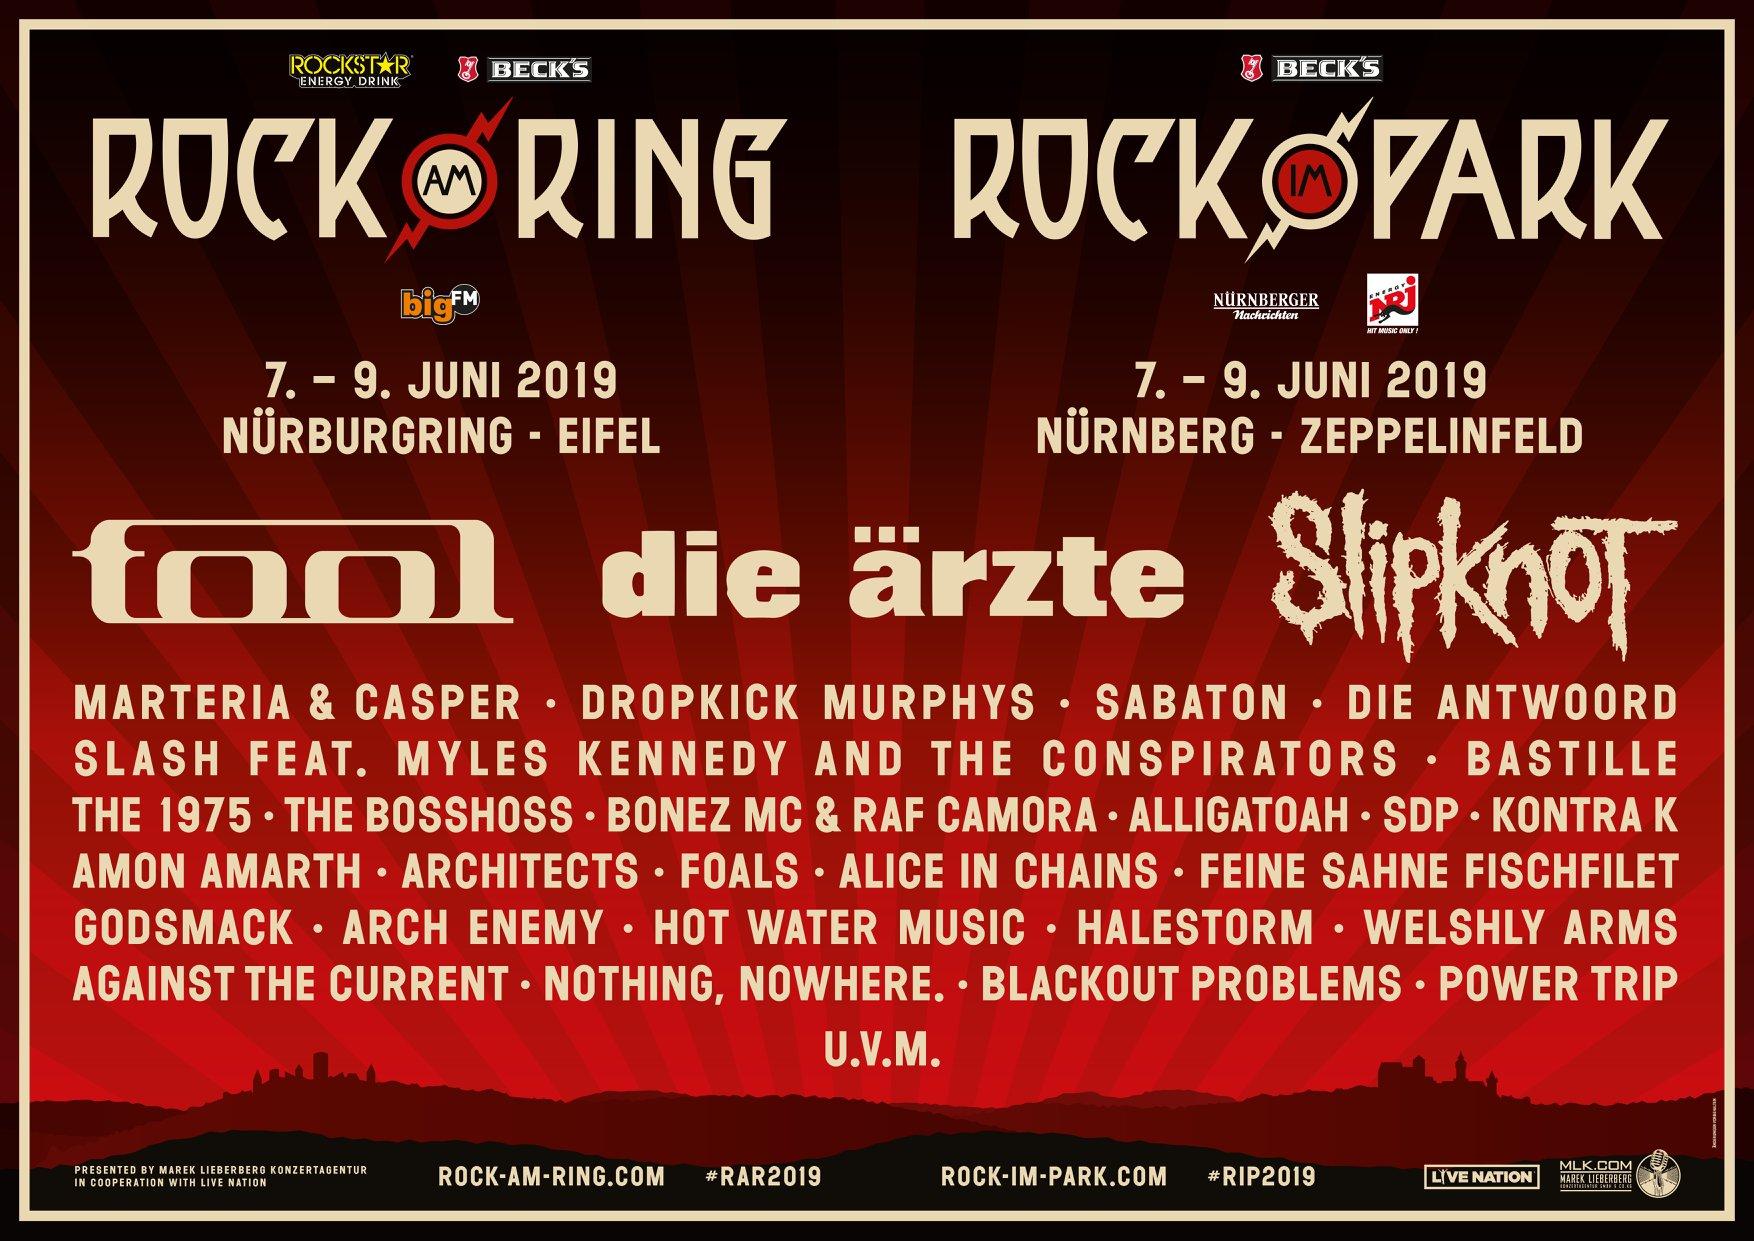 Ring & Park mit neuer Bandwelle: Slipknot, Tool und weitere Acts angekündigt